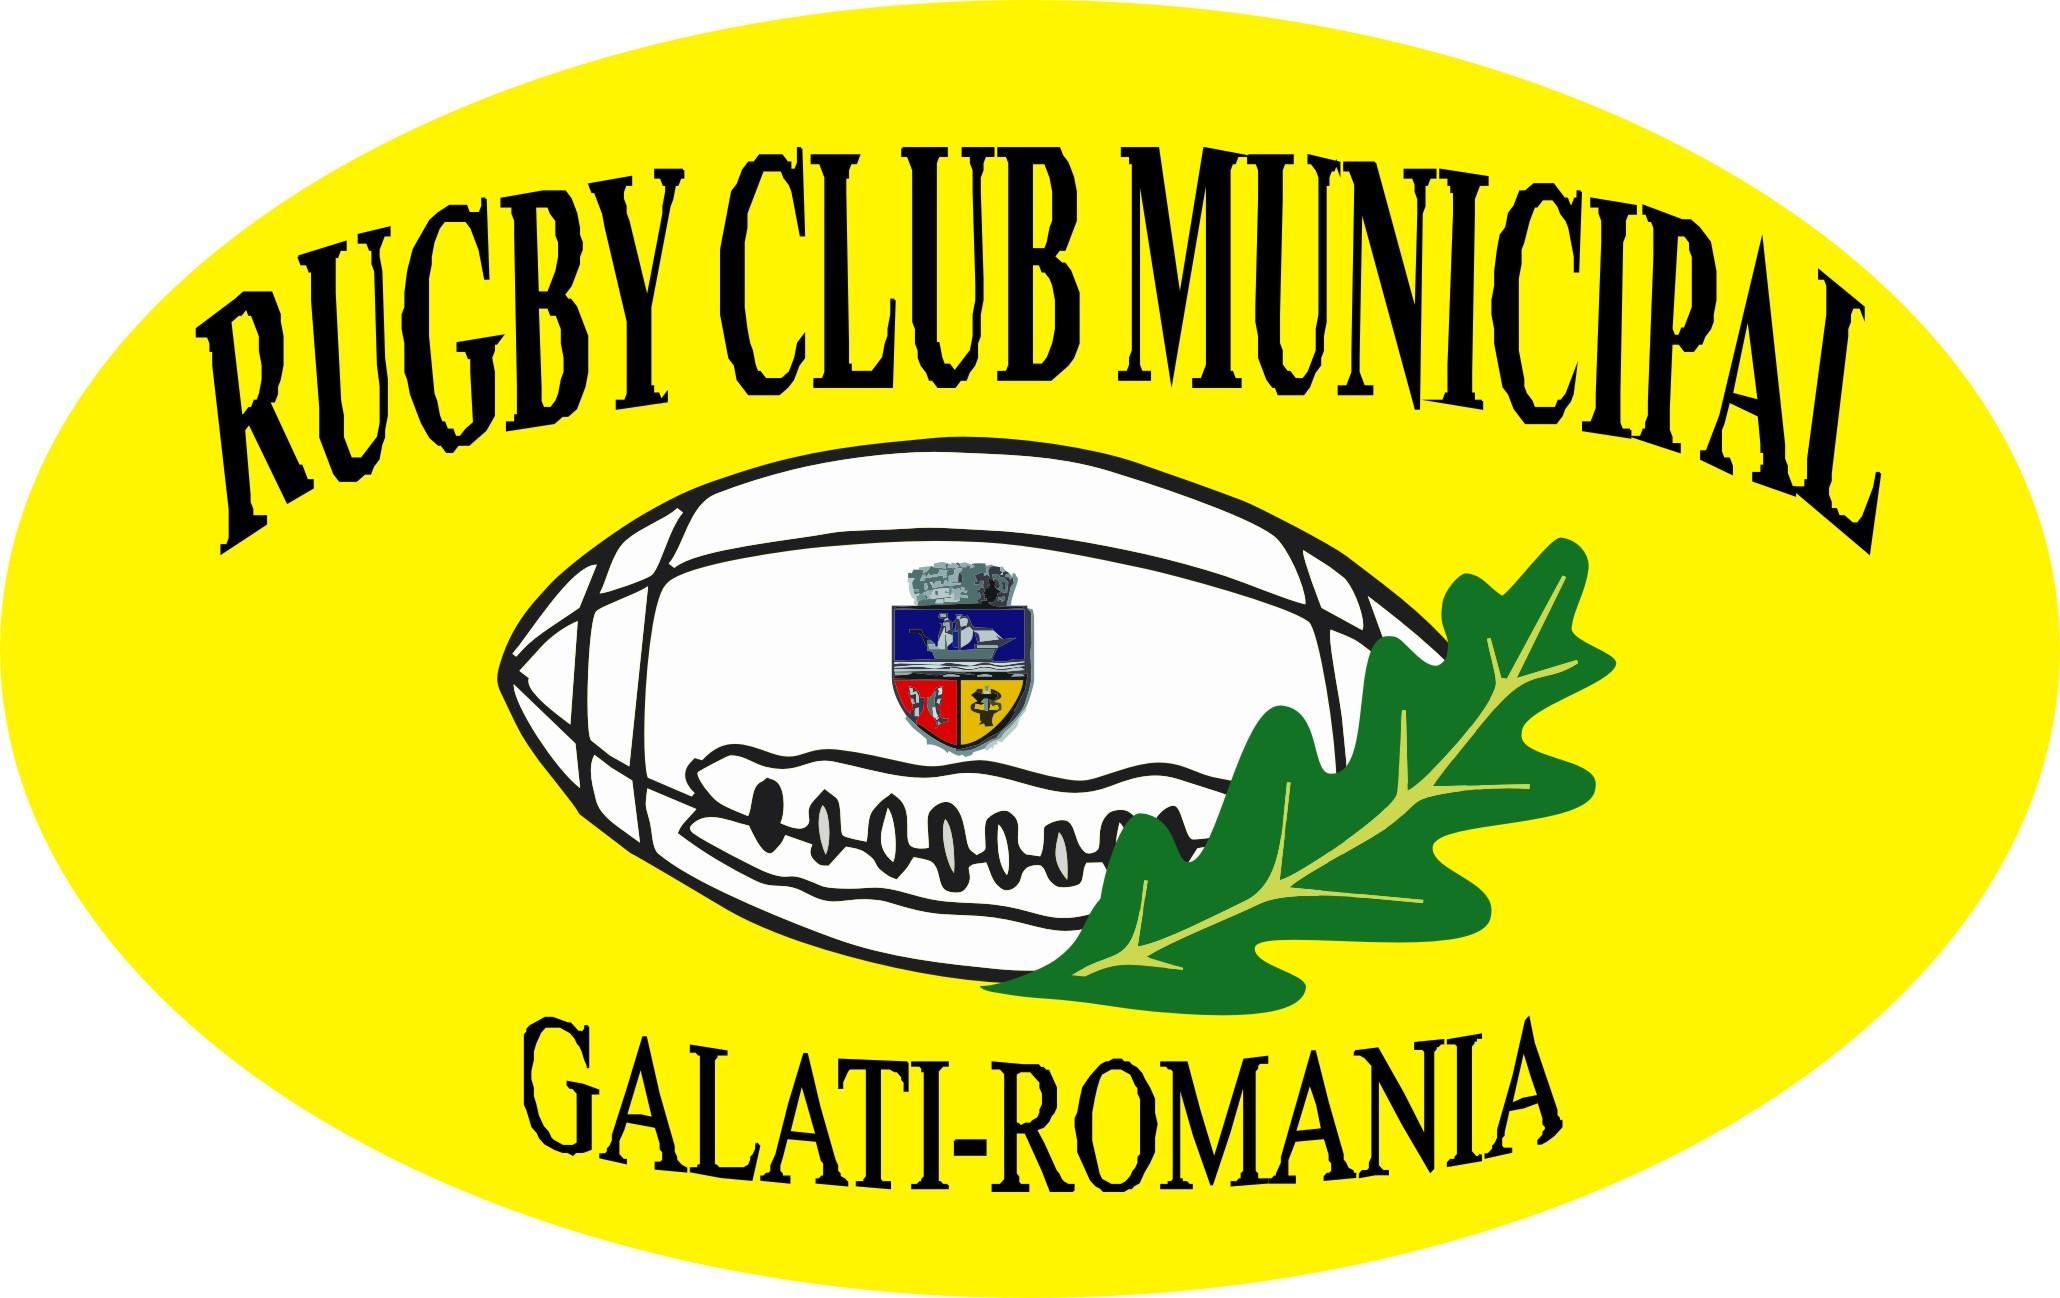 Asociatia Rugby Club Municipal  Galati